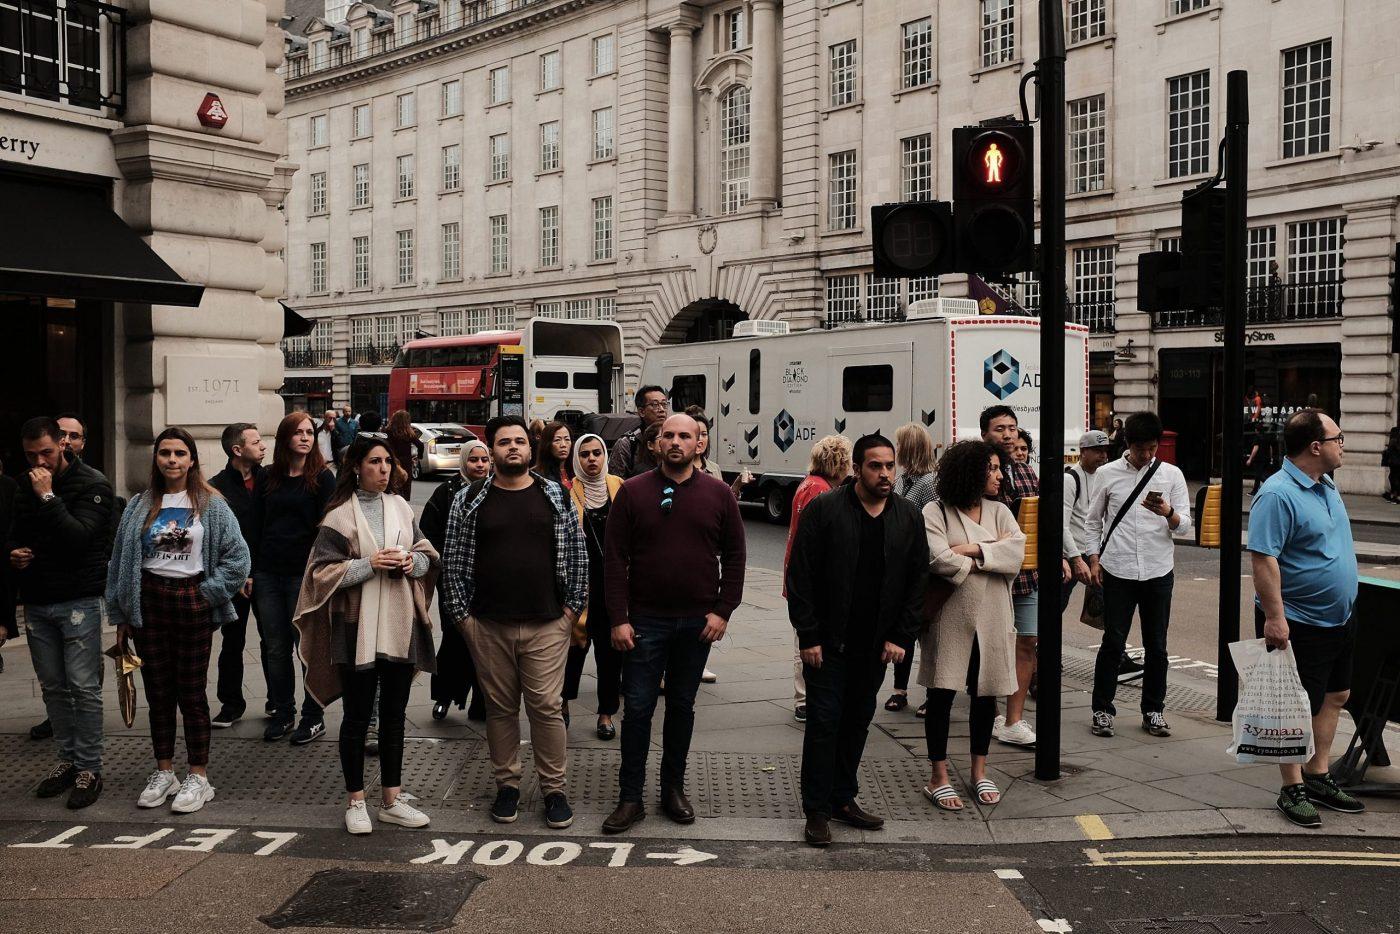 London rush hour street photo